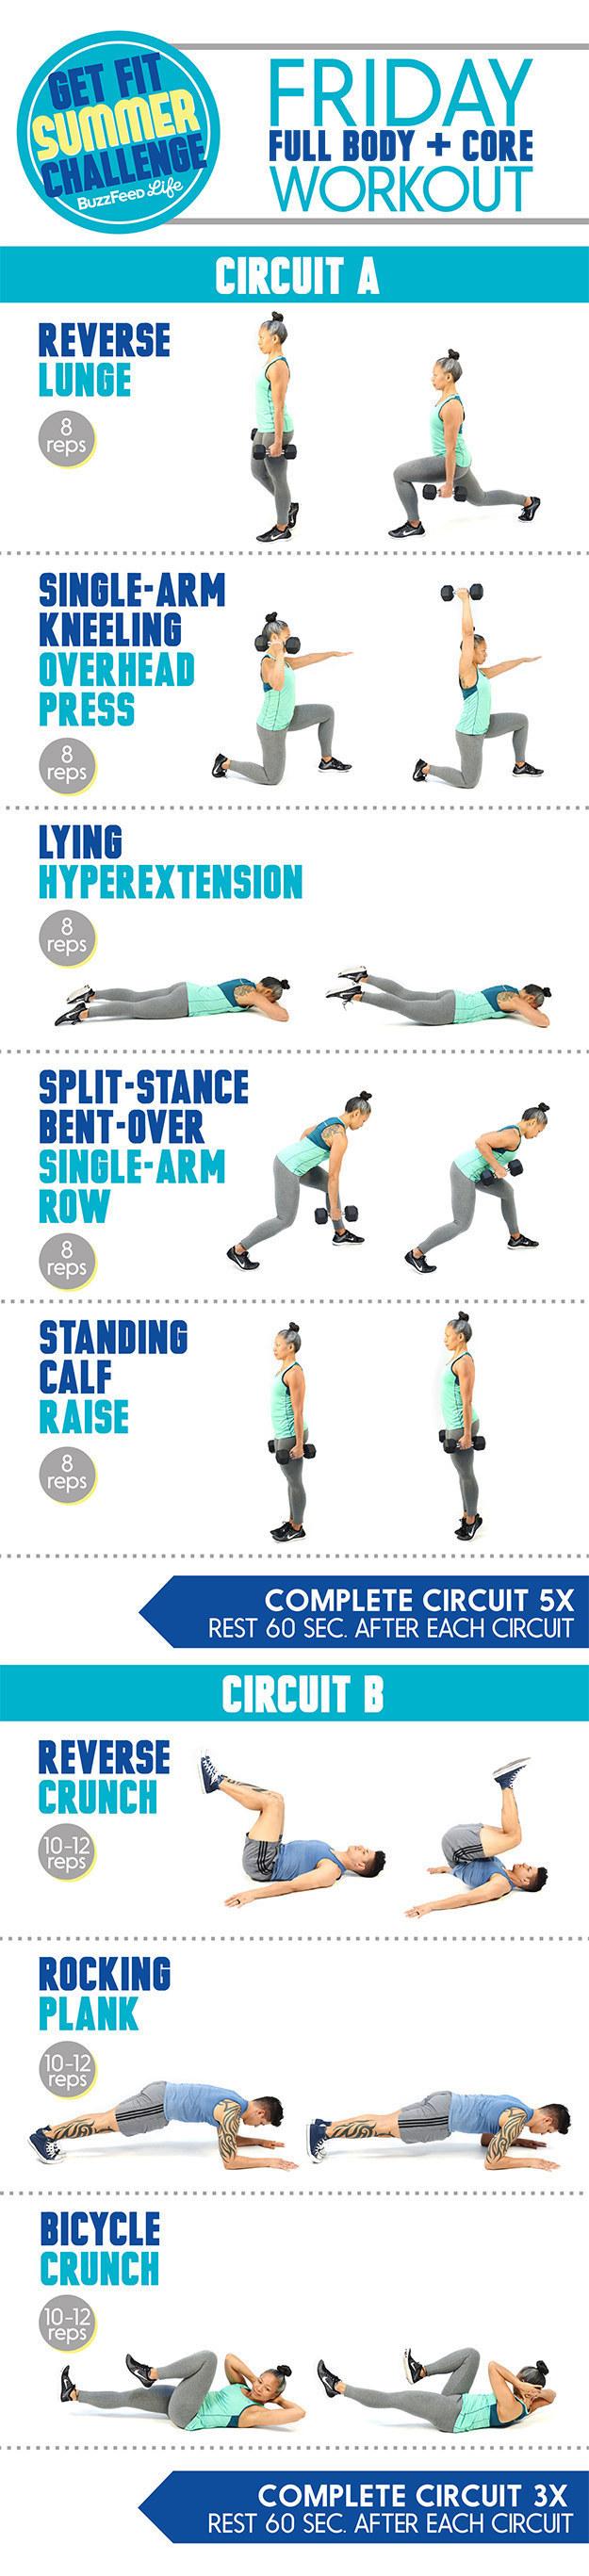 5 Tips for Summer-Body Strength Training 5 Tips for Summer-Body Strength Training new foto